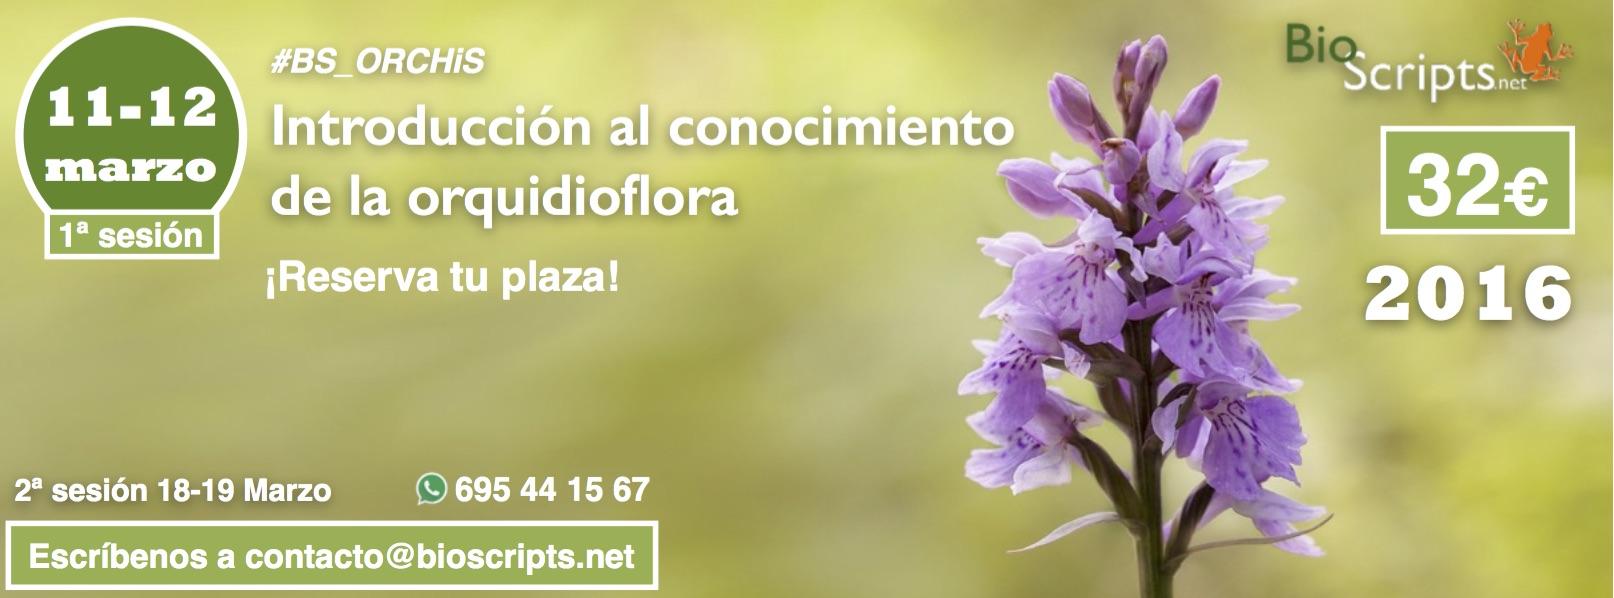 Taller de Introducción a l conocimiento de la orquidioflora